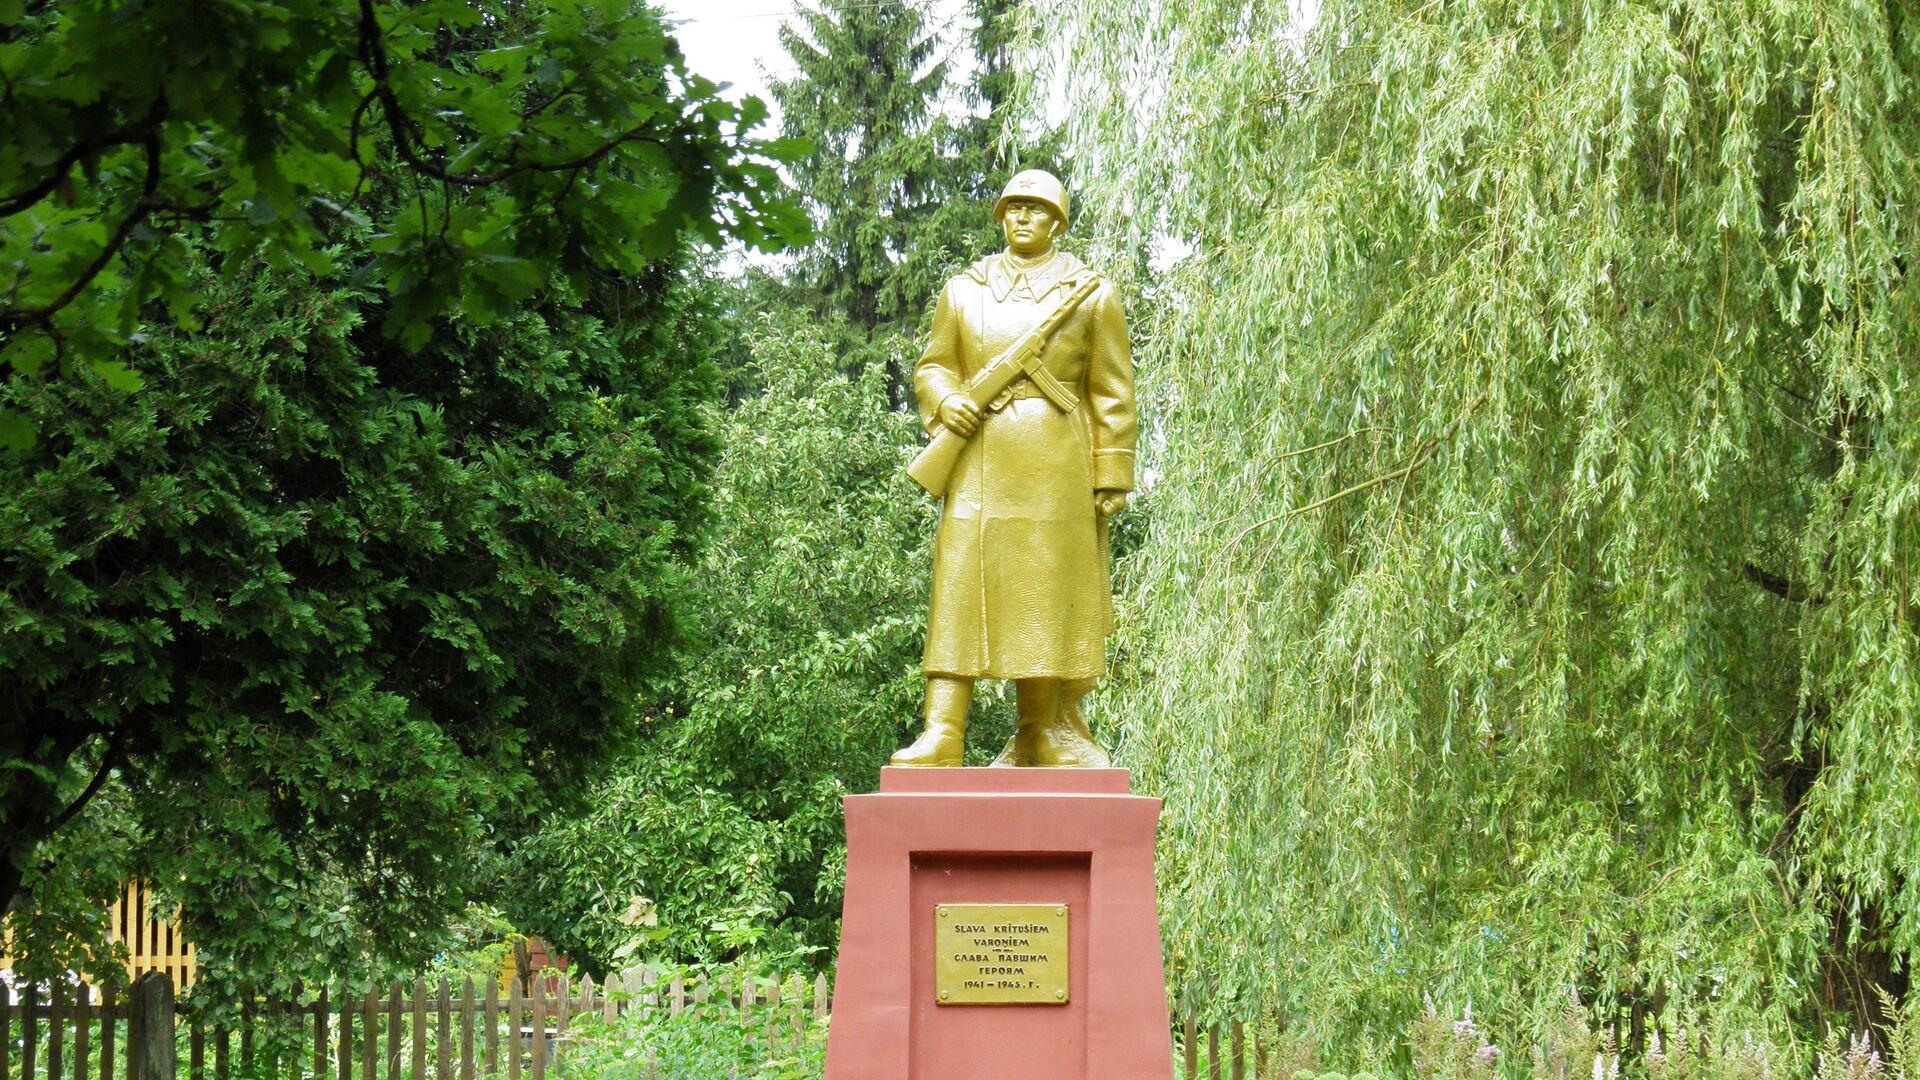 Памятник павшим советским солдатам в Субате, Латвия - РИА Новости, 1920, 05.04.2021